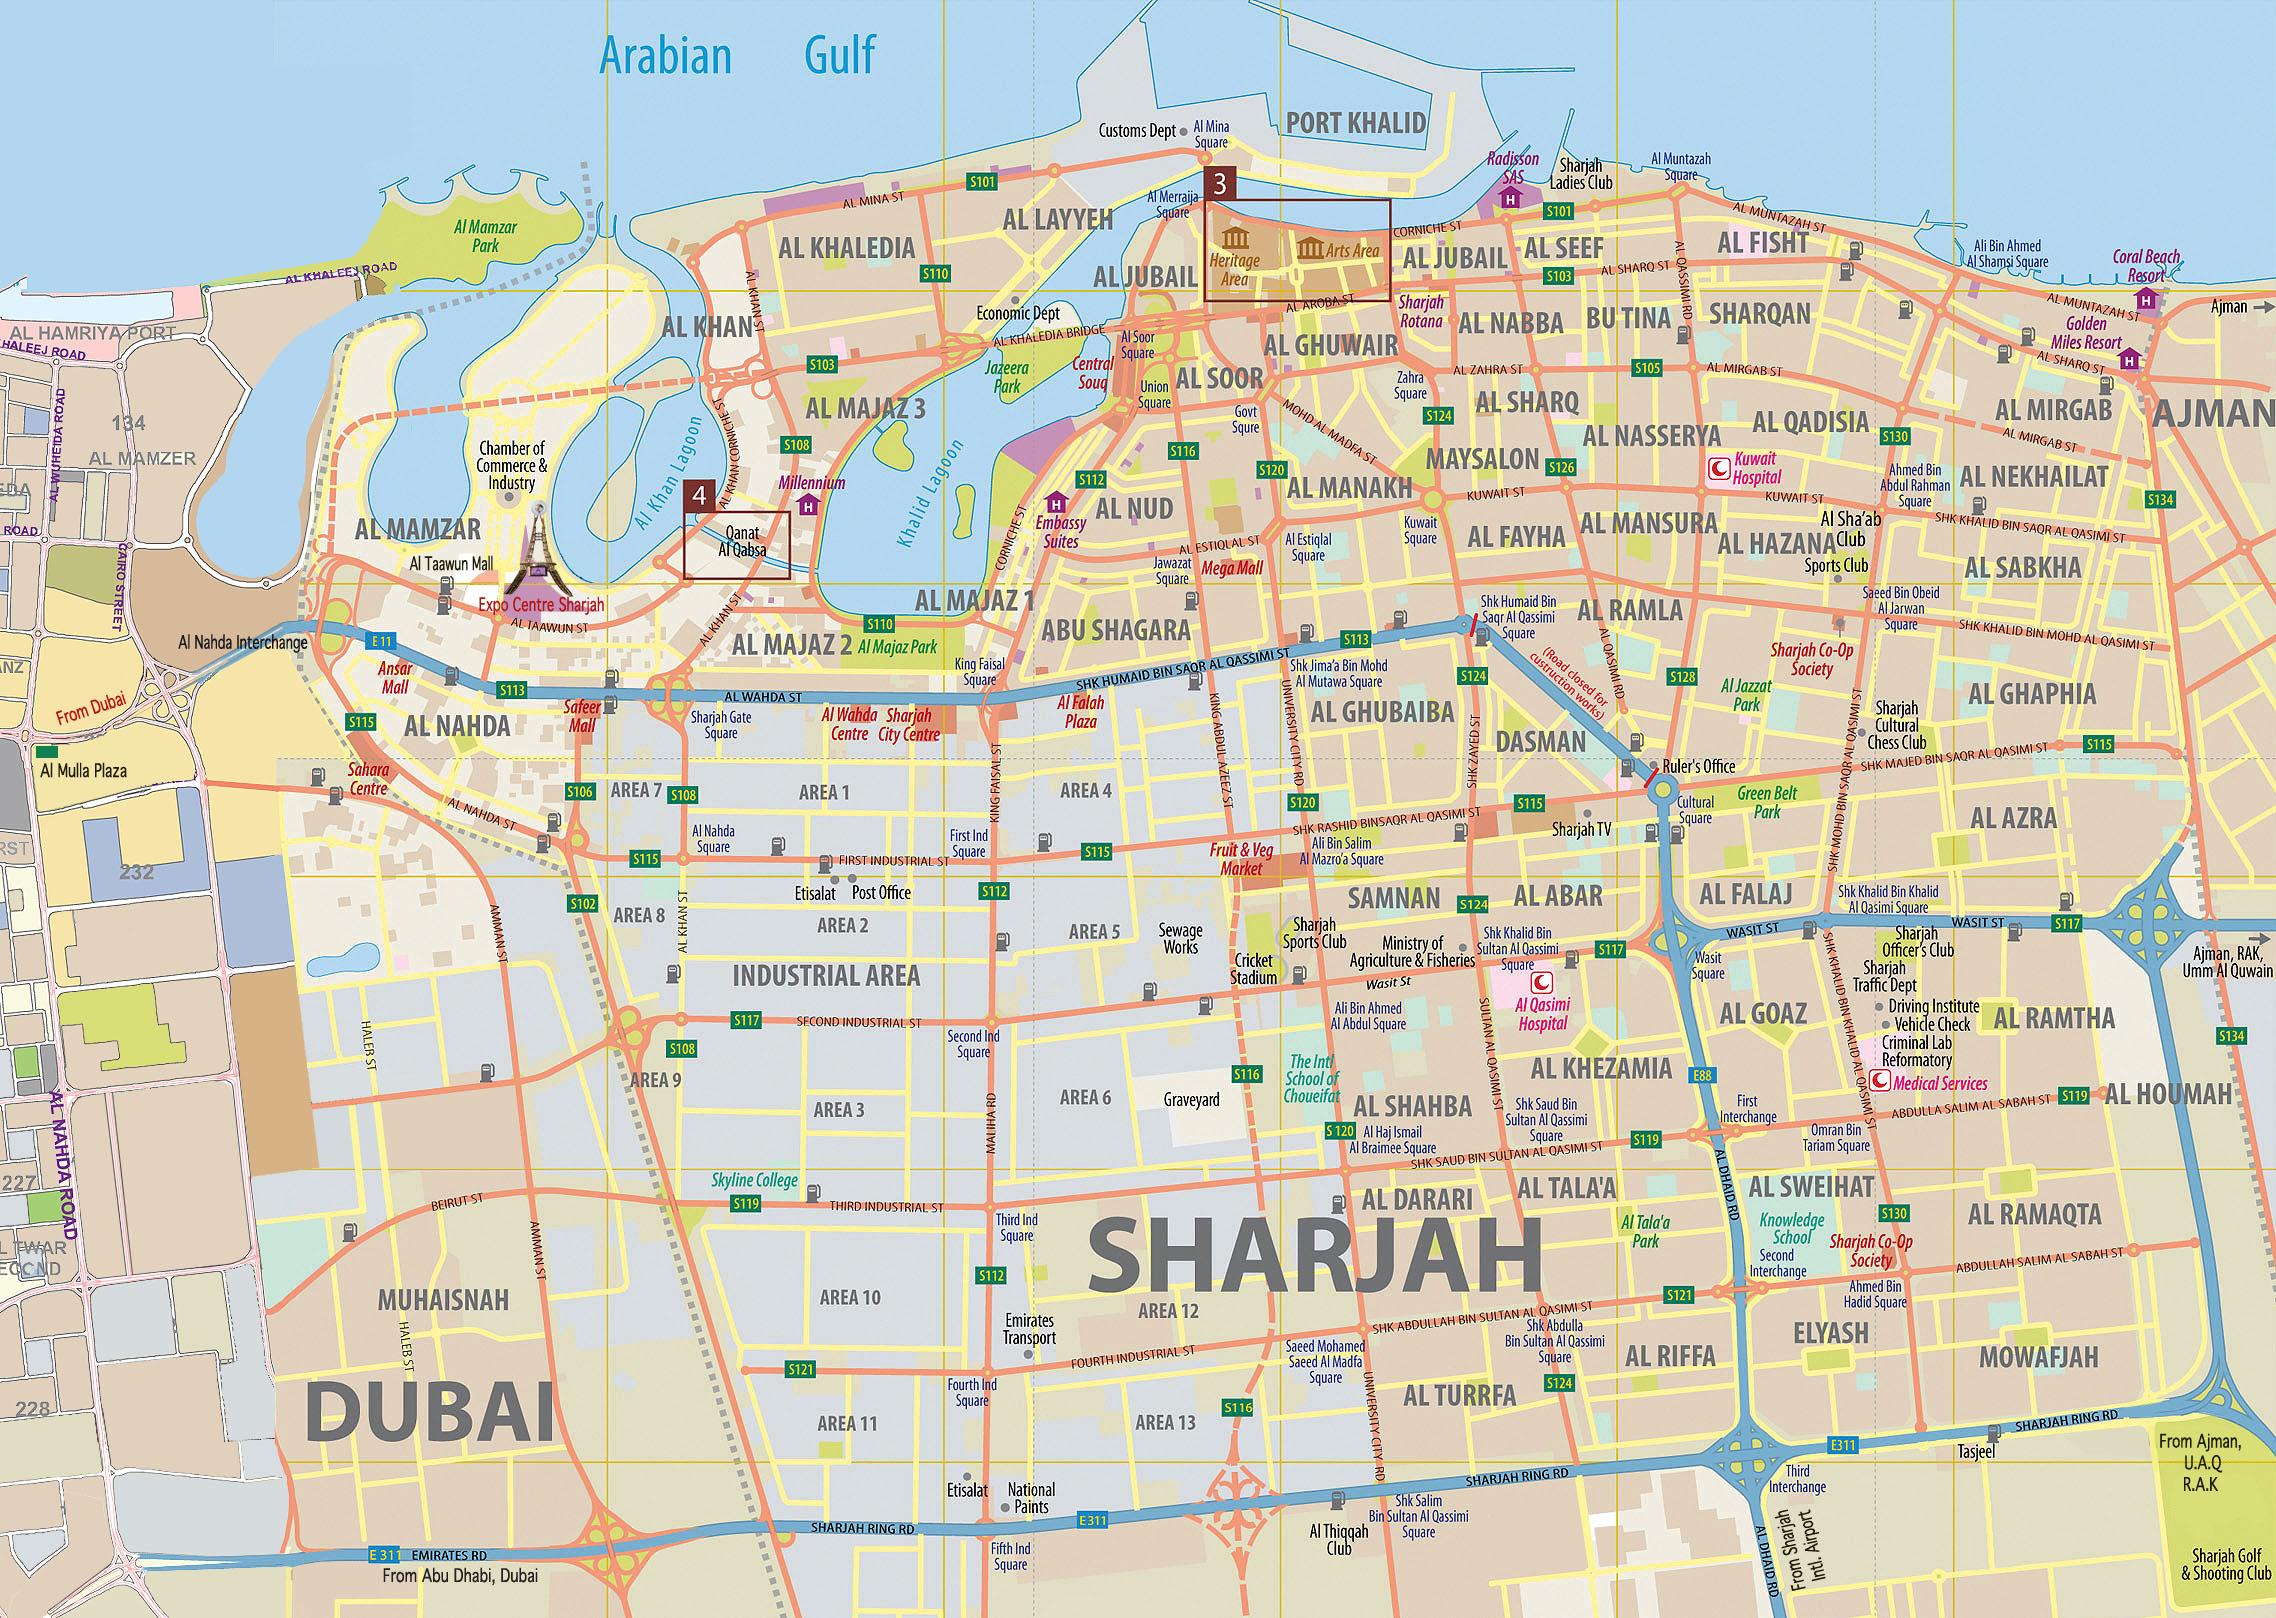 map of sharjah dubai